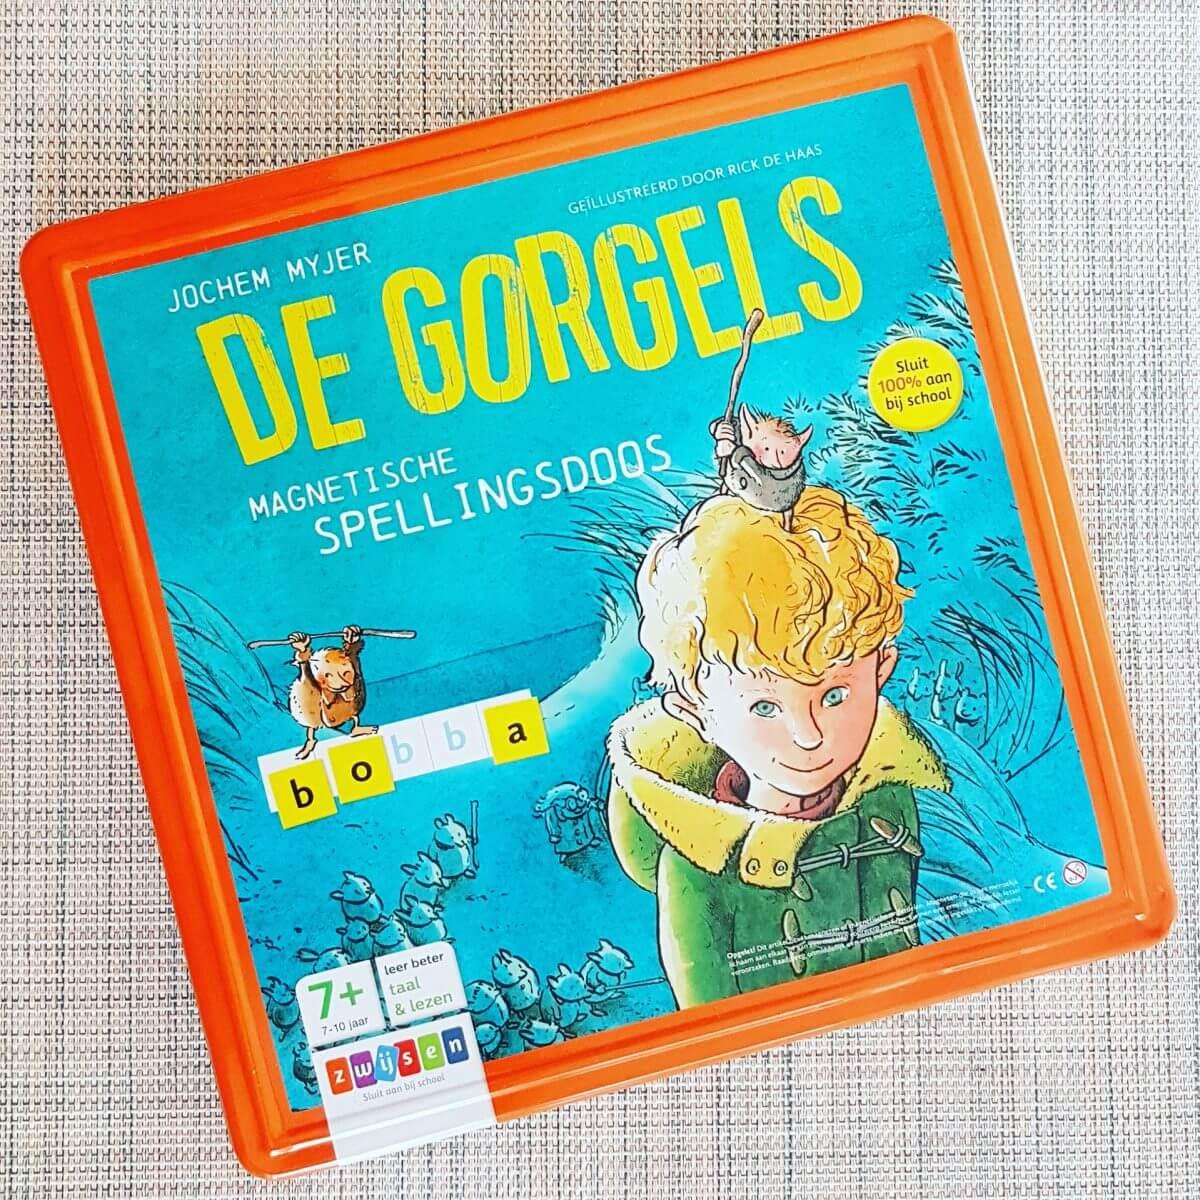 Verjaardagscadeau voor kids van 6, 7 of 8 jaar: de magnetische spellingsdoos van de Gorgels #leukmetkids